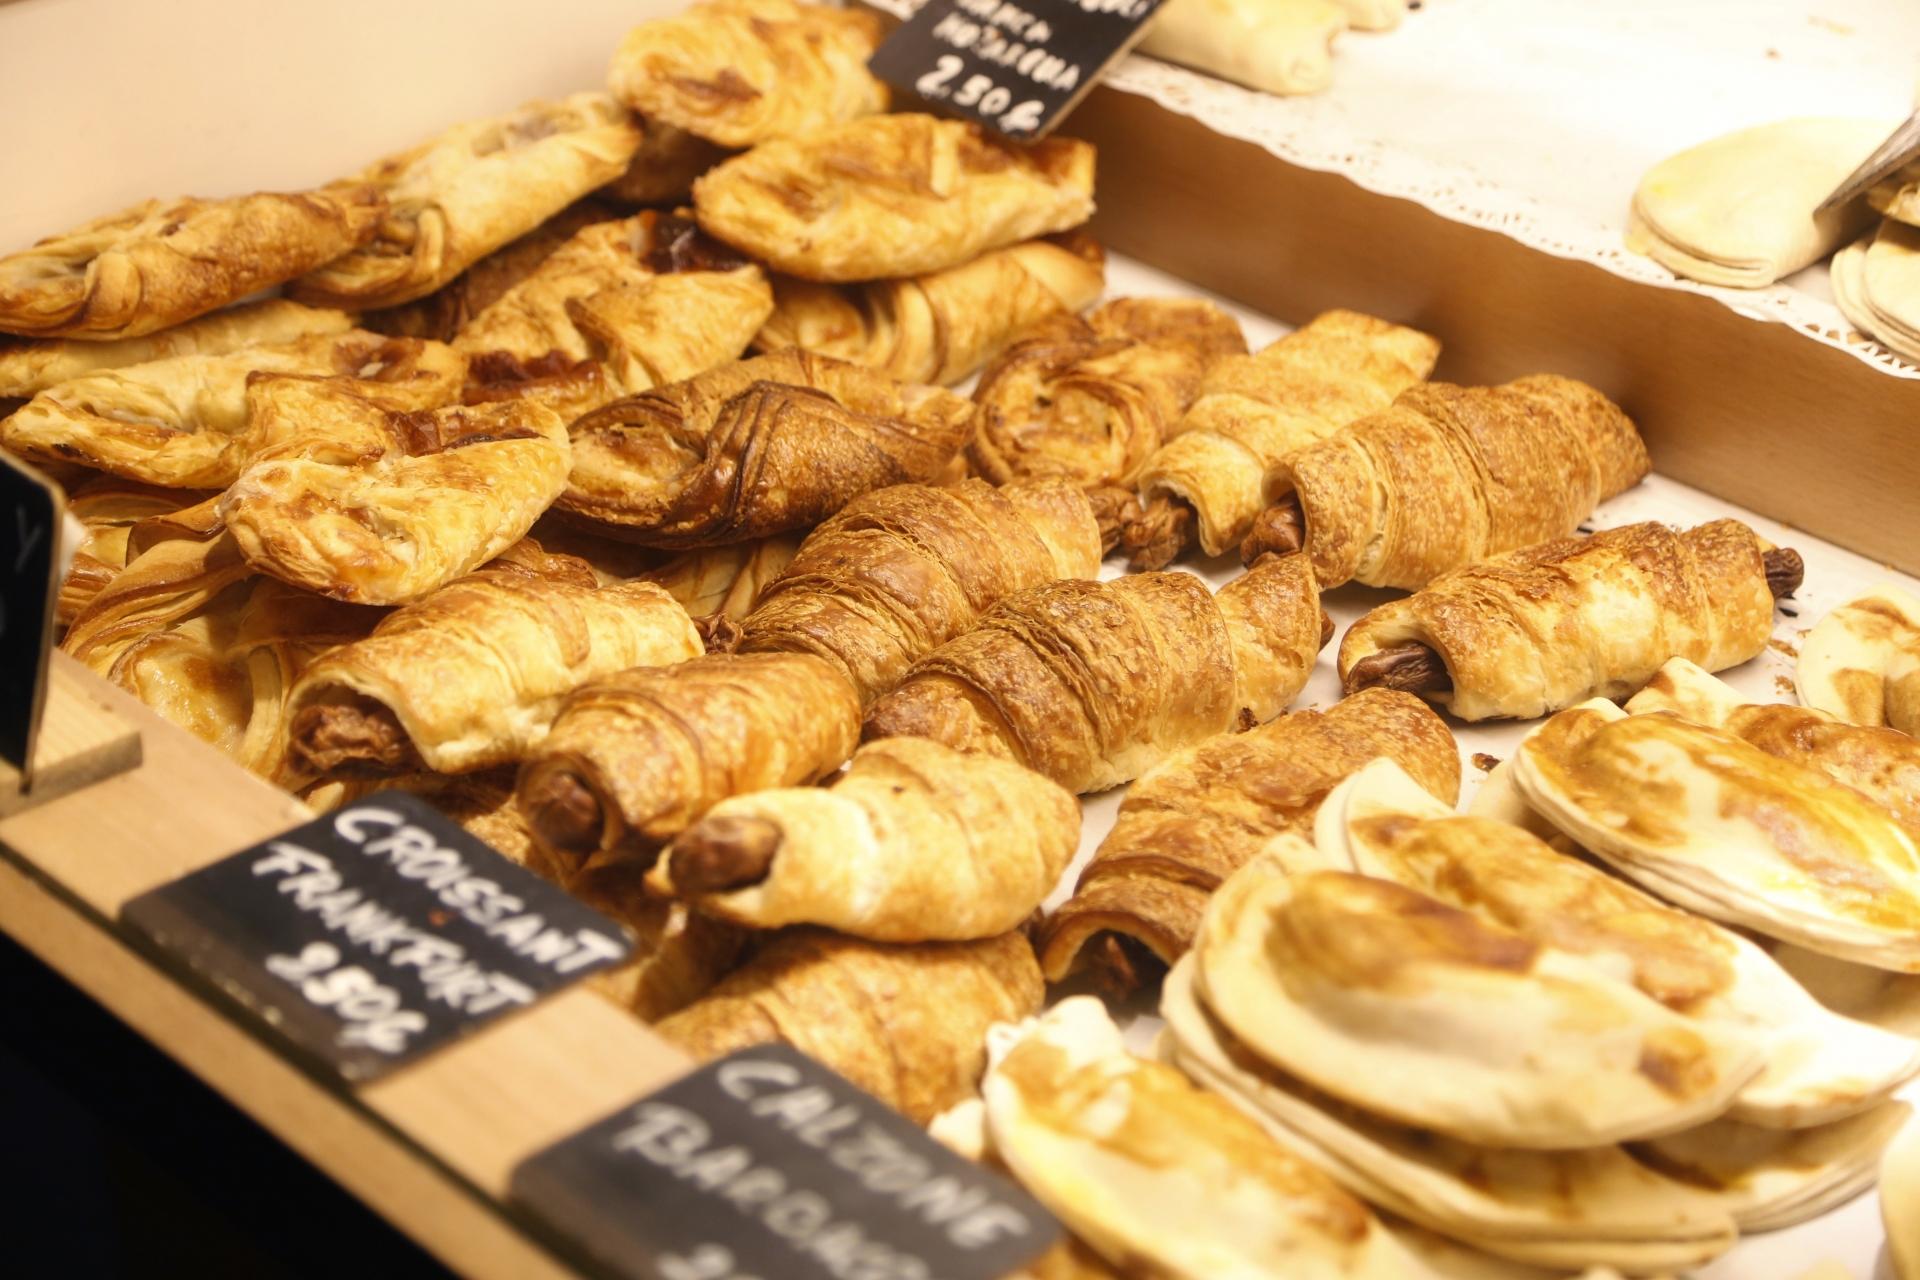 週刊柏﨑 第779回 大手パンメーカーは添加物無しでパンを作れるのか?